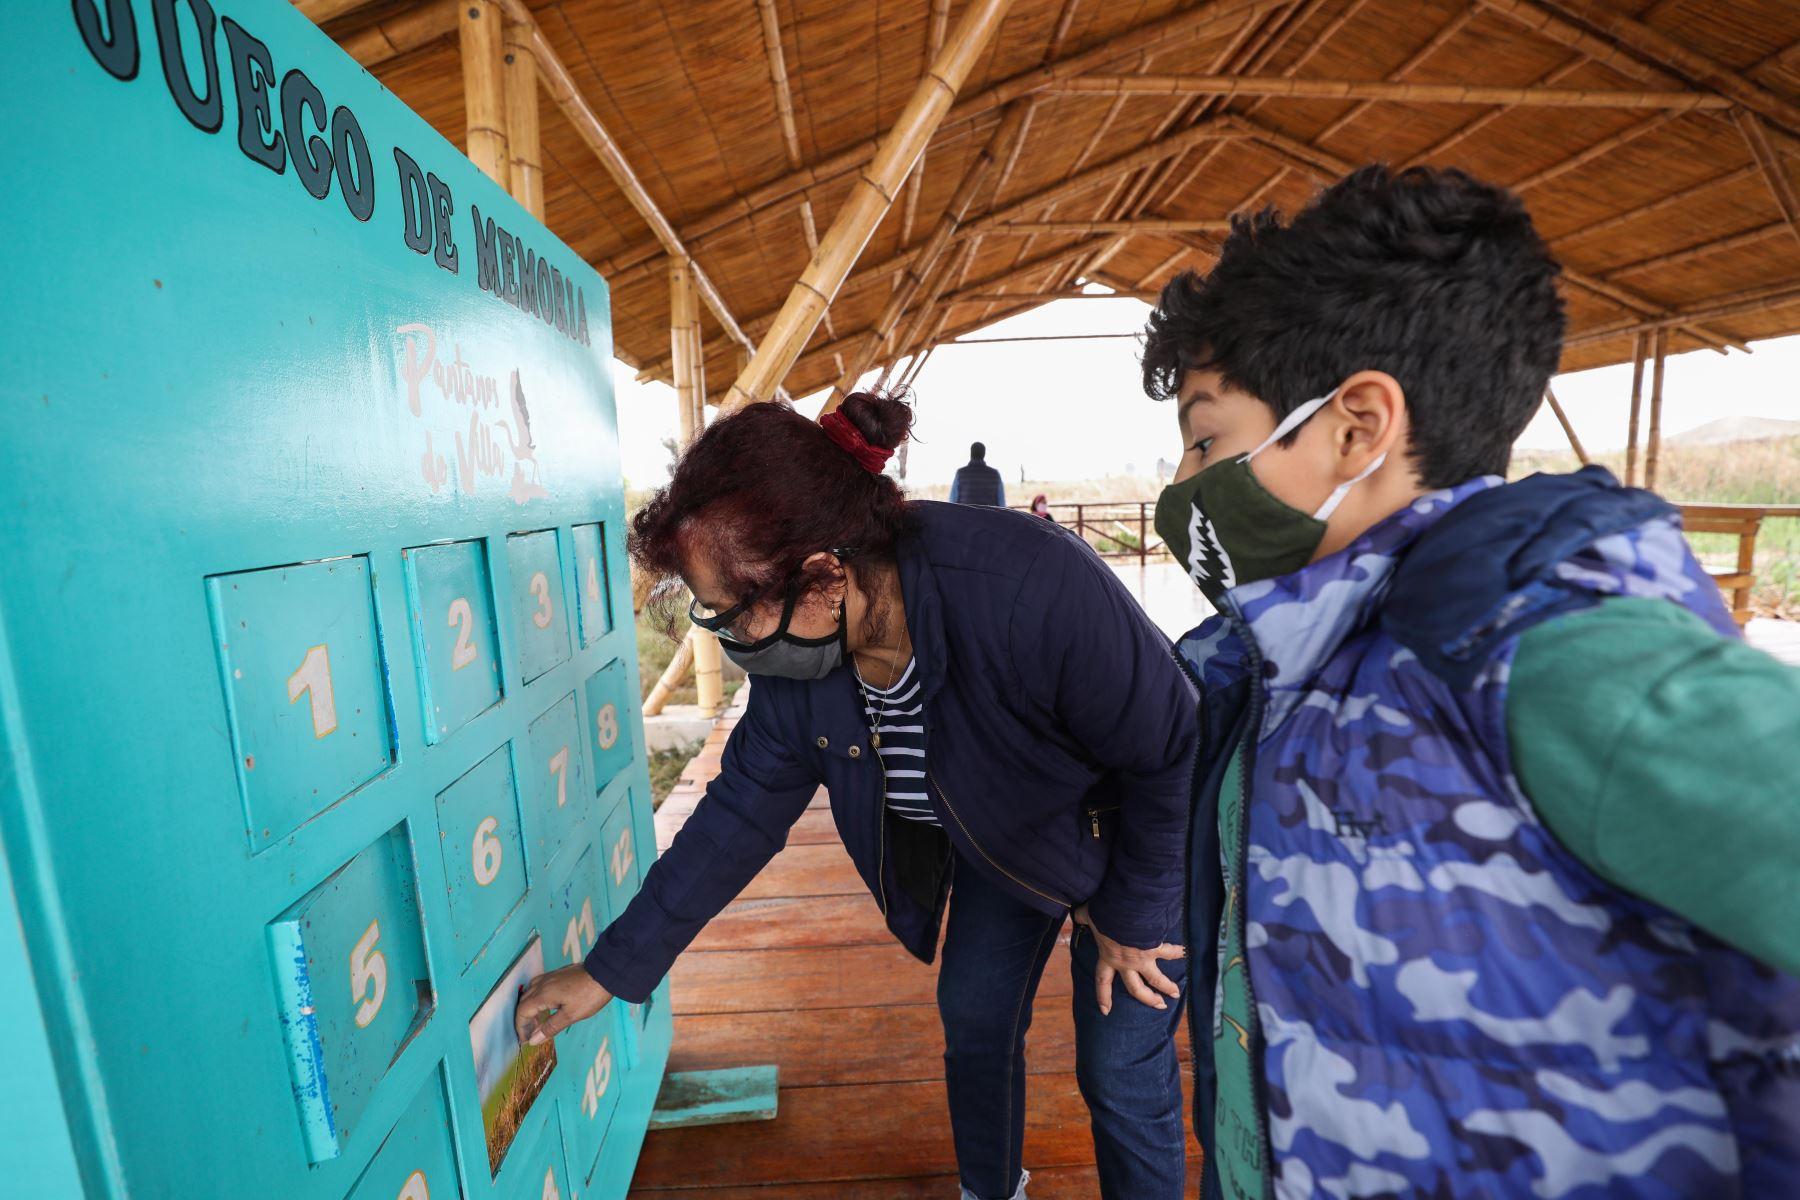 De esta manera podrán visitar el Parque de las Leyendas, los Pantanos de Villa, el Circuito Mágico del Agua y los clubes zonales Santa Rosa (Ancón), Manco Cápac (Carabayllo), Sinchi Roca (Comas), Lloque Yupanqui (Los Olivos), Cápac Yupanqui (Rímac), Flor de Amancaes (Villa María del Triunfo), Cahuide (Ate), Huayna Cápac (San Juan de Miraflores) y Huáscar (Villa El Salvador). Foto: Municipalidad de Lima